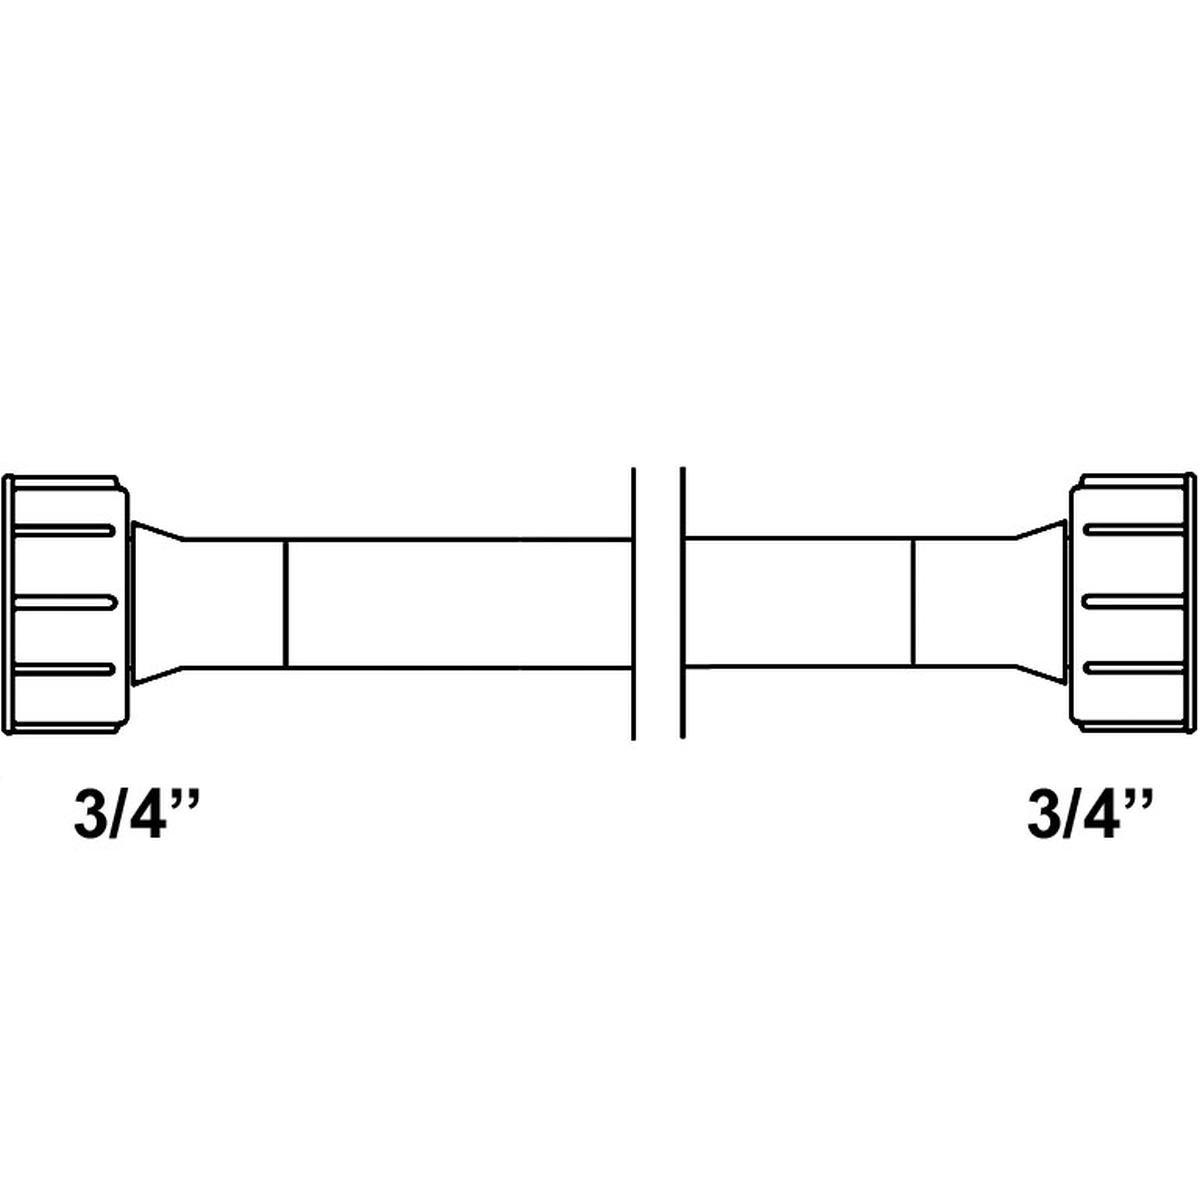 """Tilløbsslange 2,5 meter 3/4"""" lige/lige forskruning"""